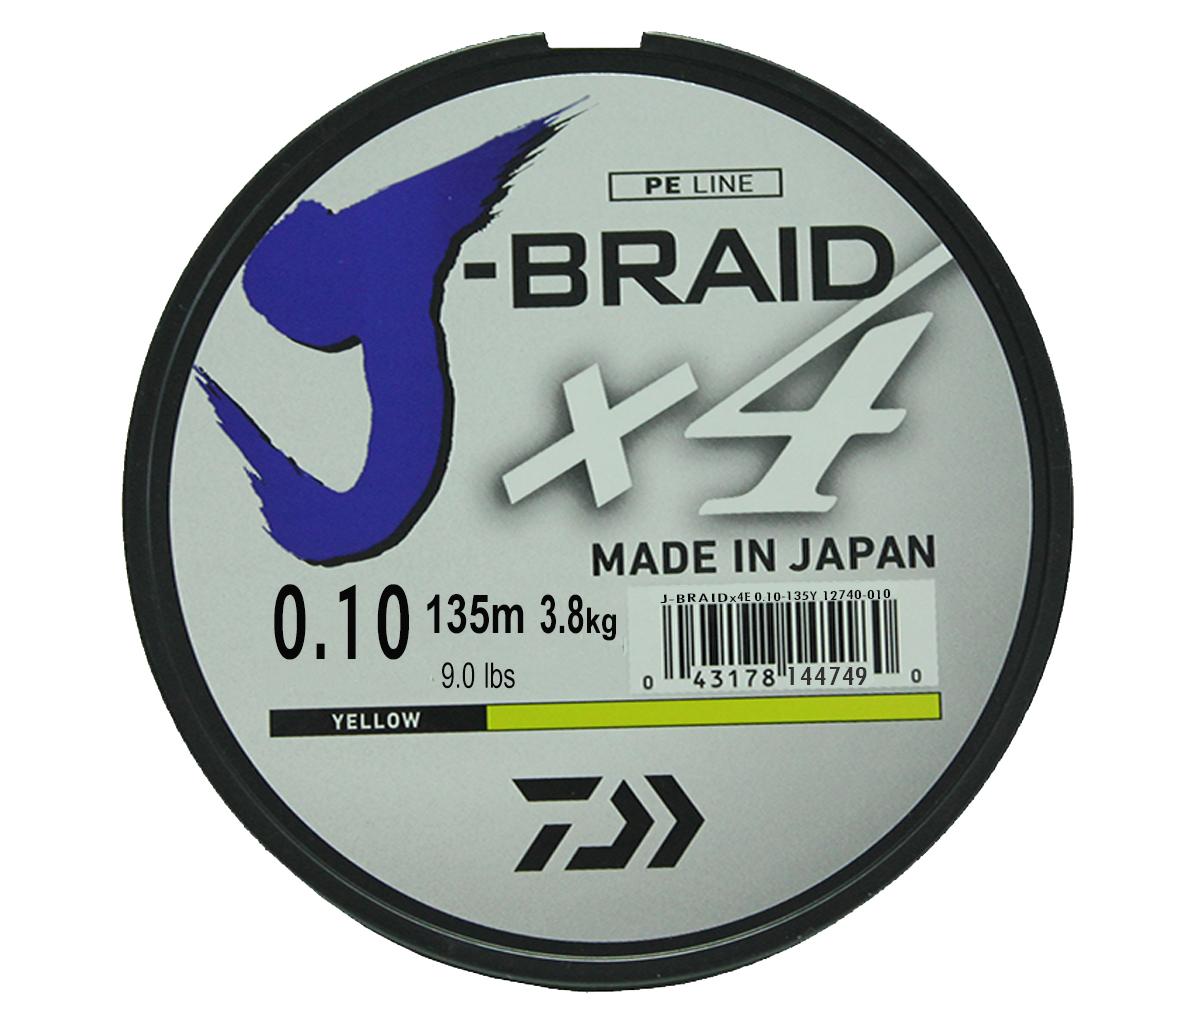 Шнур плетеный Daiwa J-Braid X4, цвет:флуоресцентный желтый, 135 м, 0,10 ммФуфайка Verticale THERMATICНовый 4х жильный шнур J-Braid, DAIWA - шнур высокого класса с удивительным соотношением цены и качества. Качество плетения полностьюсоответствует японским стандартам и удовлетворяет всем требованиям. Представленные диаметры позволяют использовать шнур для всех техникловли, начиная от ultra- light ловли окуня, до морской ловли палтуса, трески и т.д